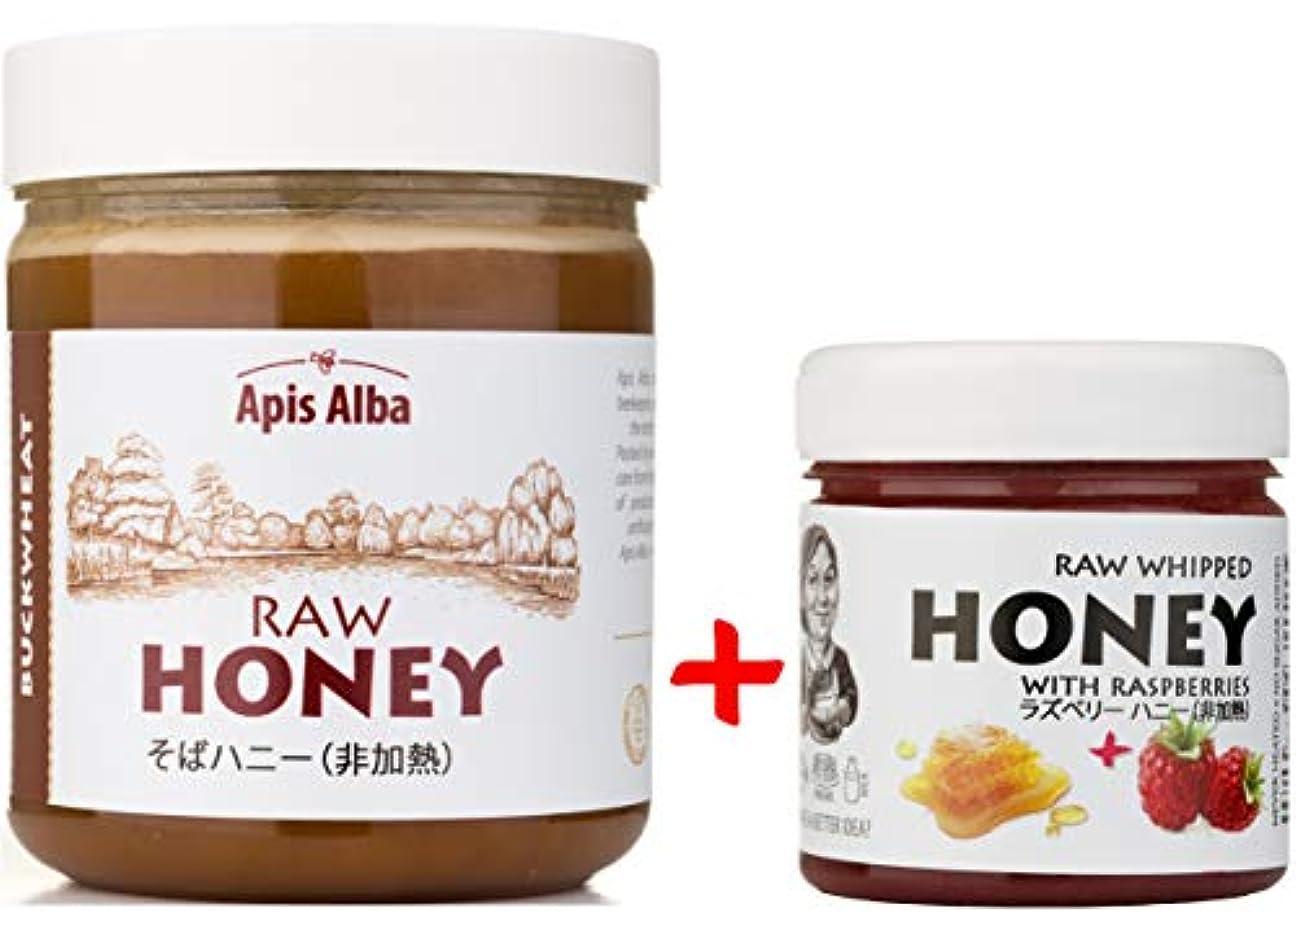 アンケート事業内容リスク【Amazon.co.jp限定】 はちみつ 蜂蜜 ハチミツ 生 2個組 セット (ラズベリーハニー200g、ソバ 蕎麦 はちみつ 624g)Raw Honey Set Raspberry 200g & Buckwheat Raw Honey 624g